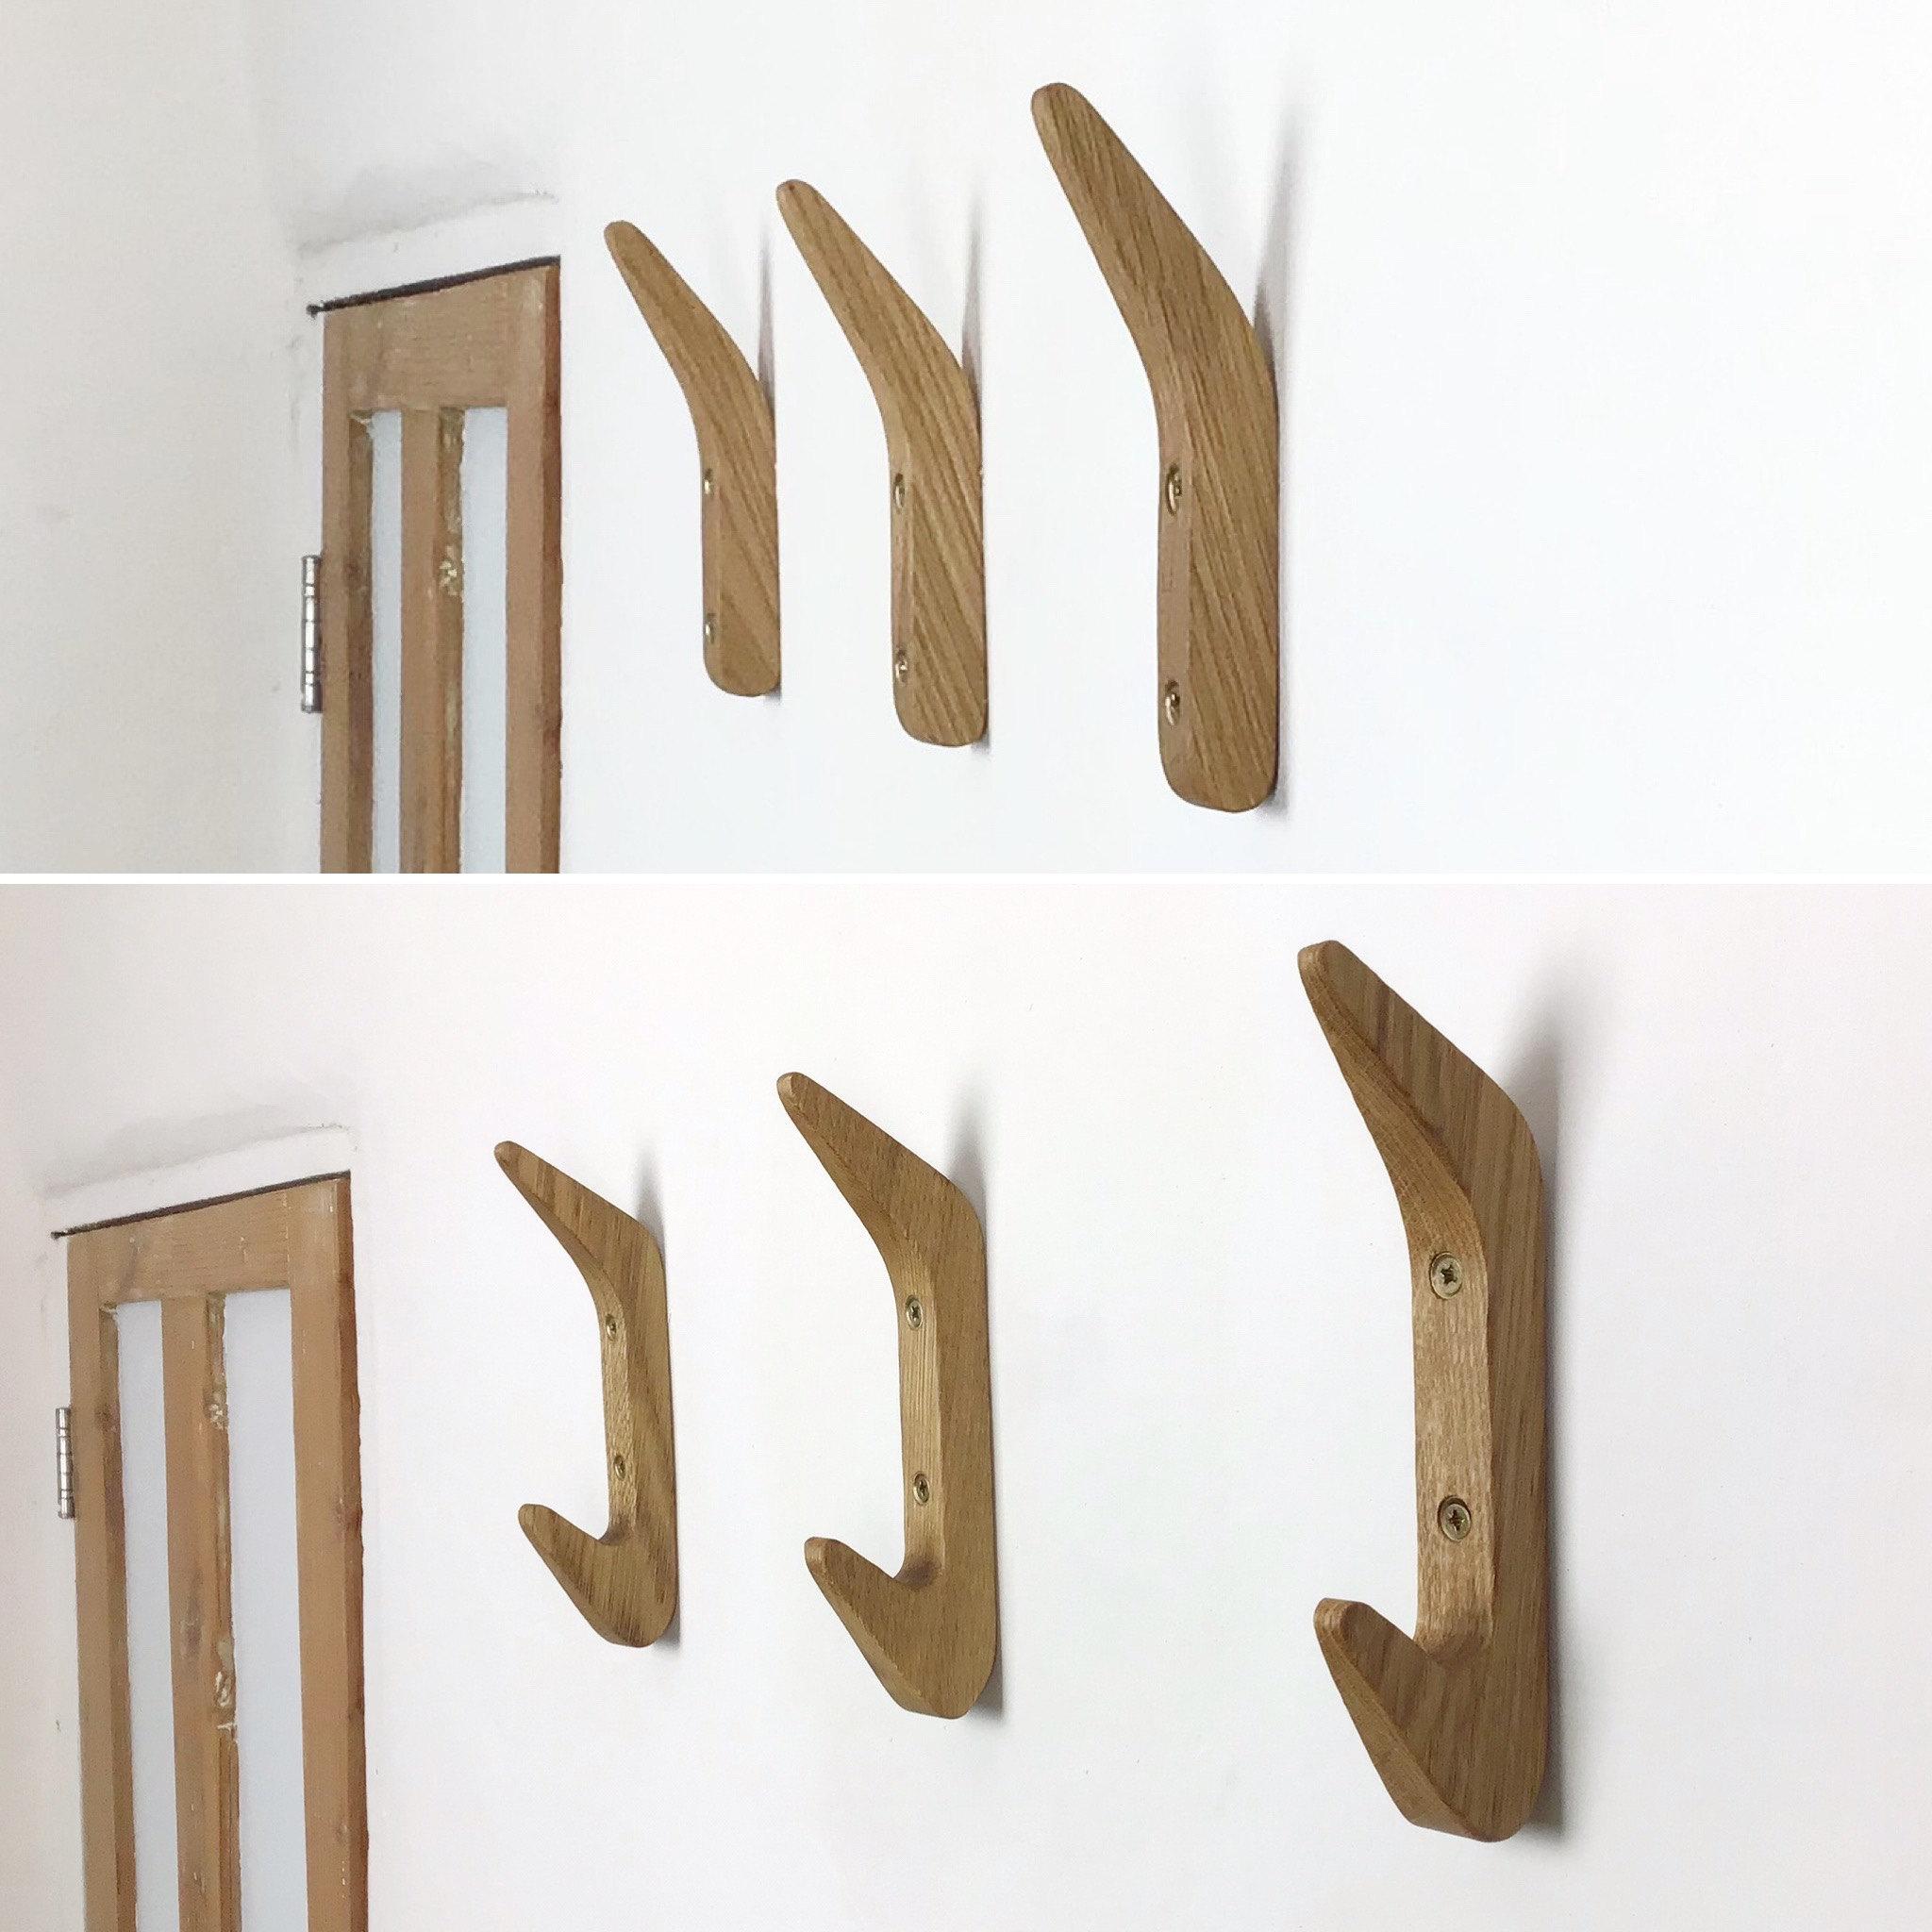 Gorlech coat hooks in light and dark Oak wood, handcrafted in Wales, UK